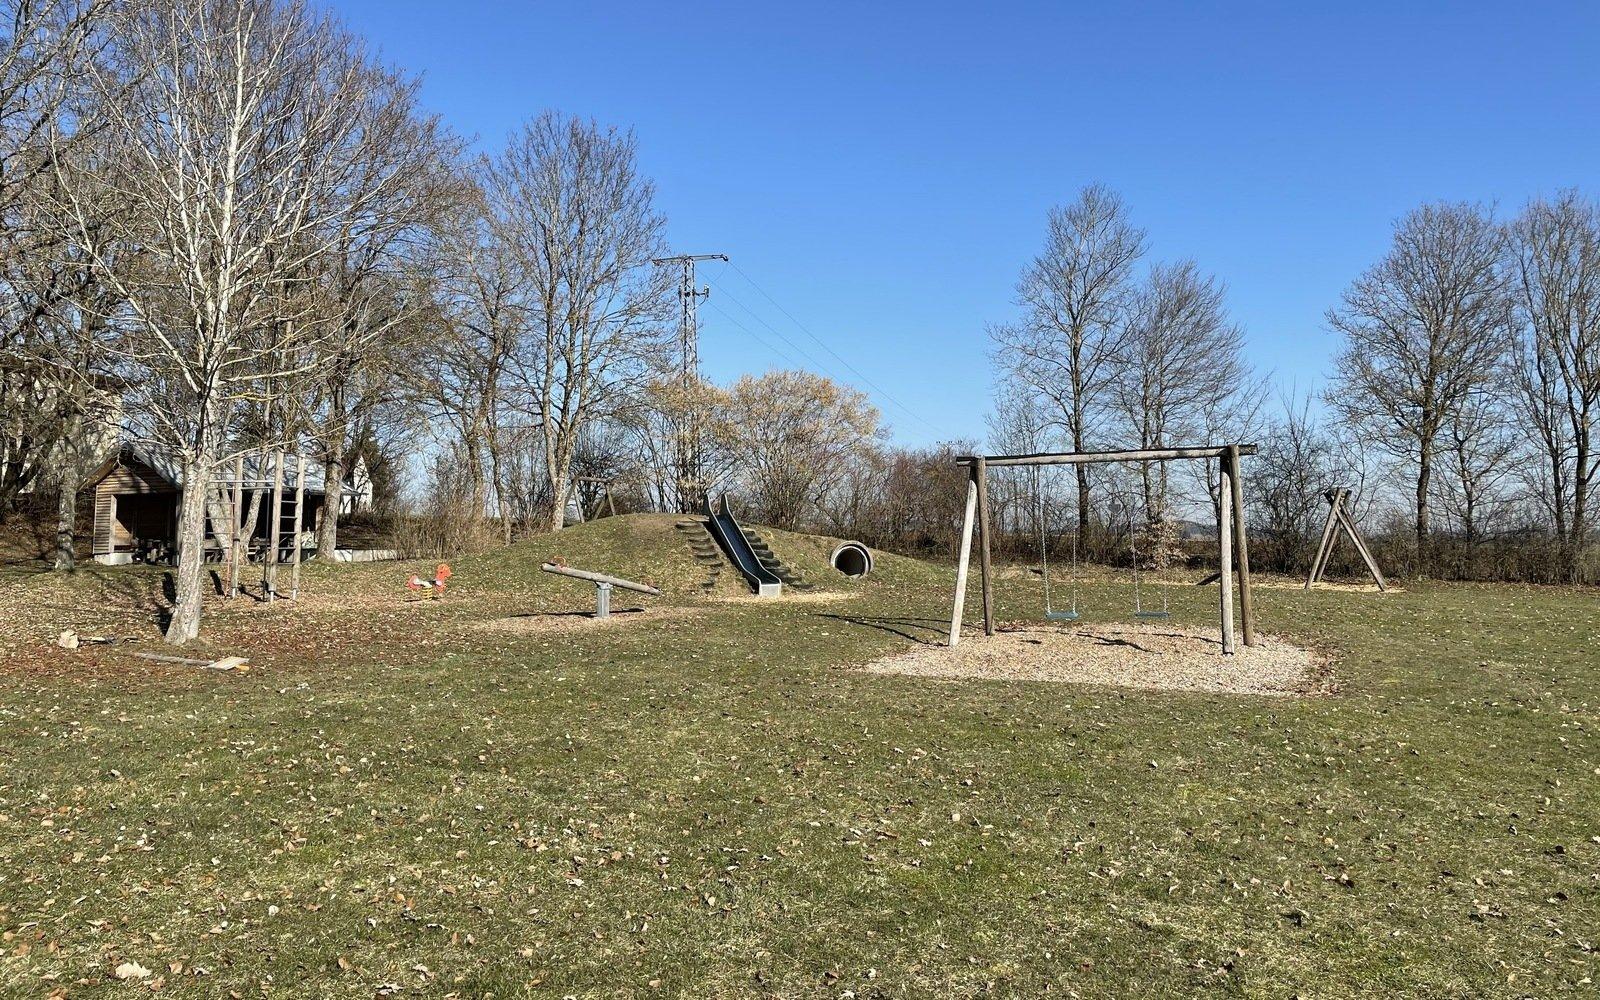 Ein Spielplatz mit einer Schaukel, einer Wippe und einer Rutsche